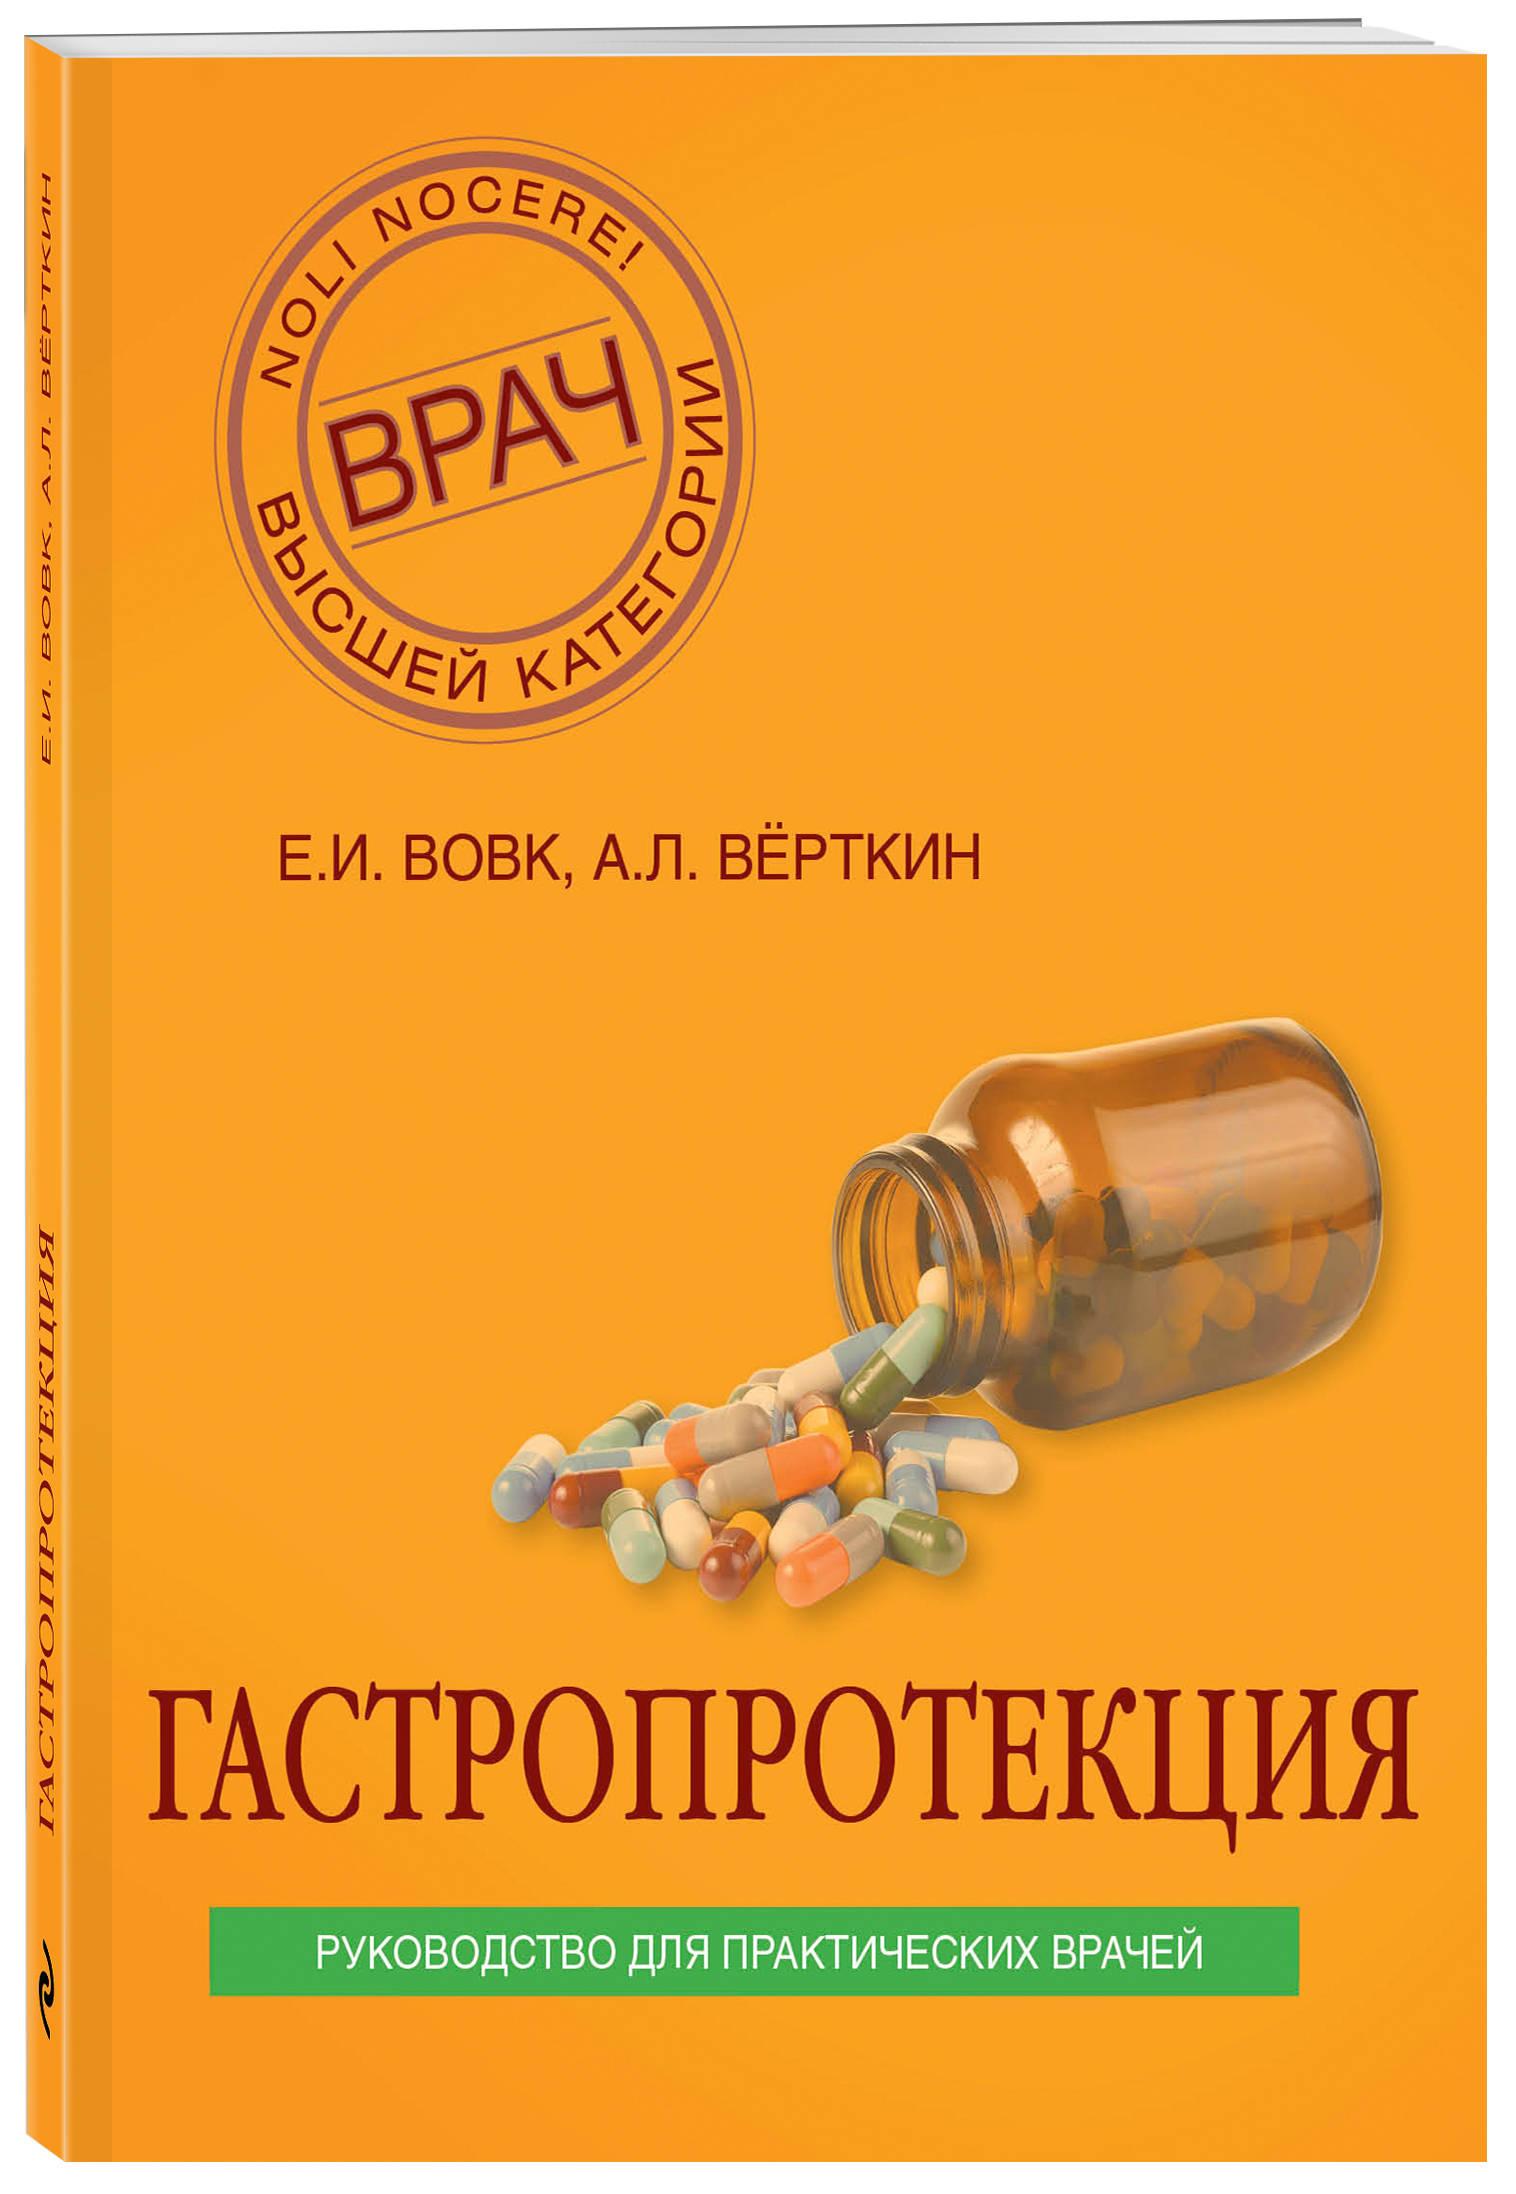 Вёрткин Аркадий Львович, Вовк Е. И. Гастропротекция. Руководство для практических врачей цена